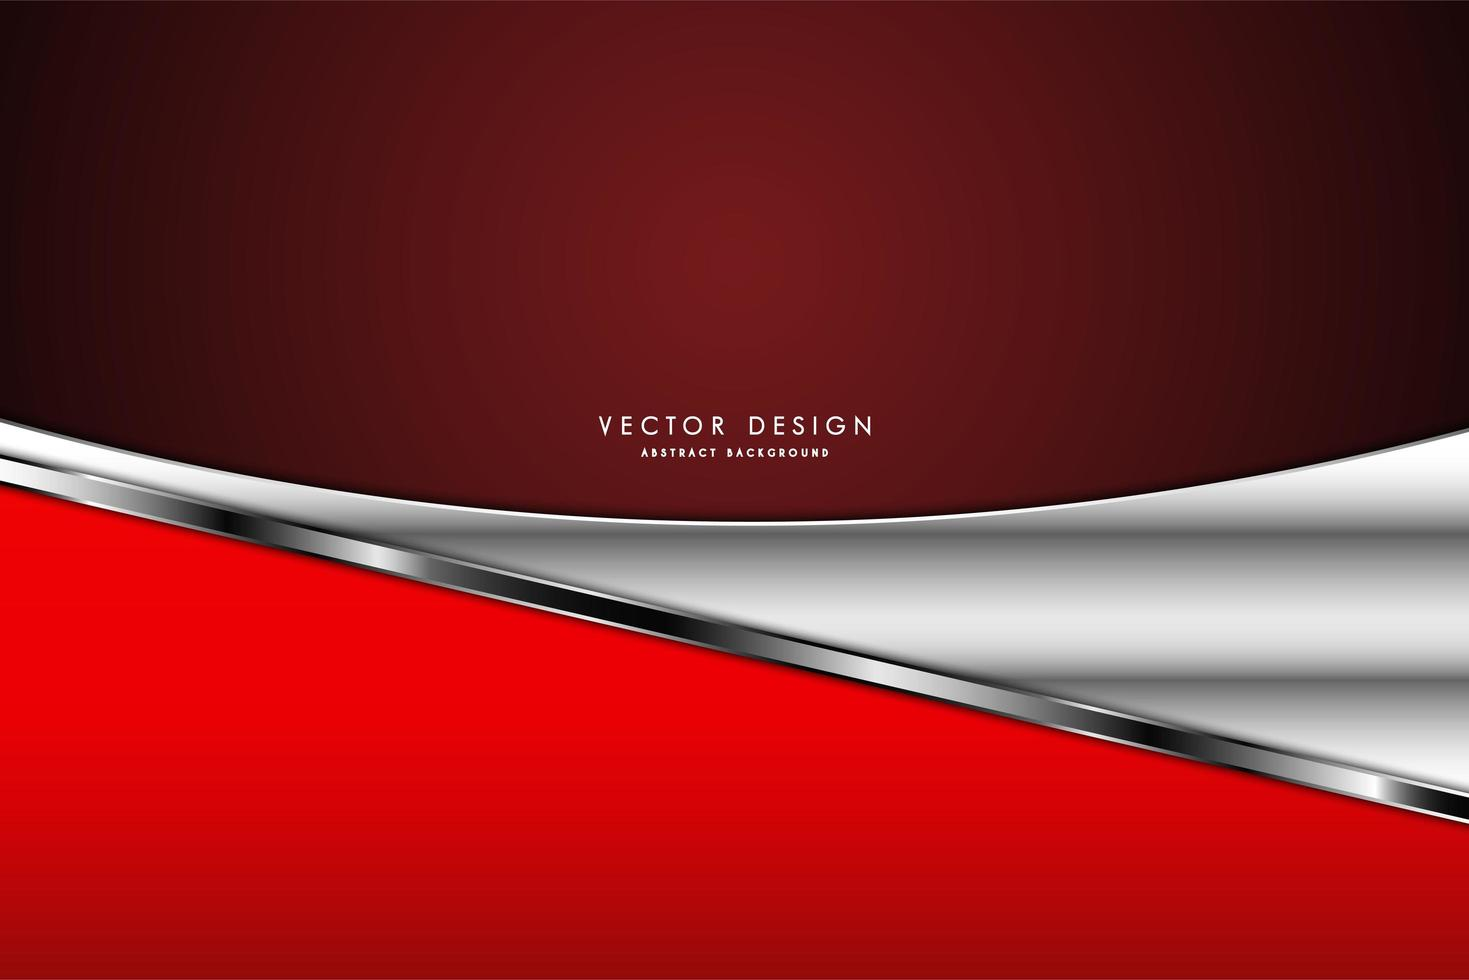 metallic rood en zilver gebogen panelen over donkerrood verloop vector